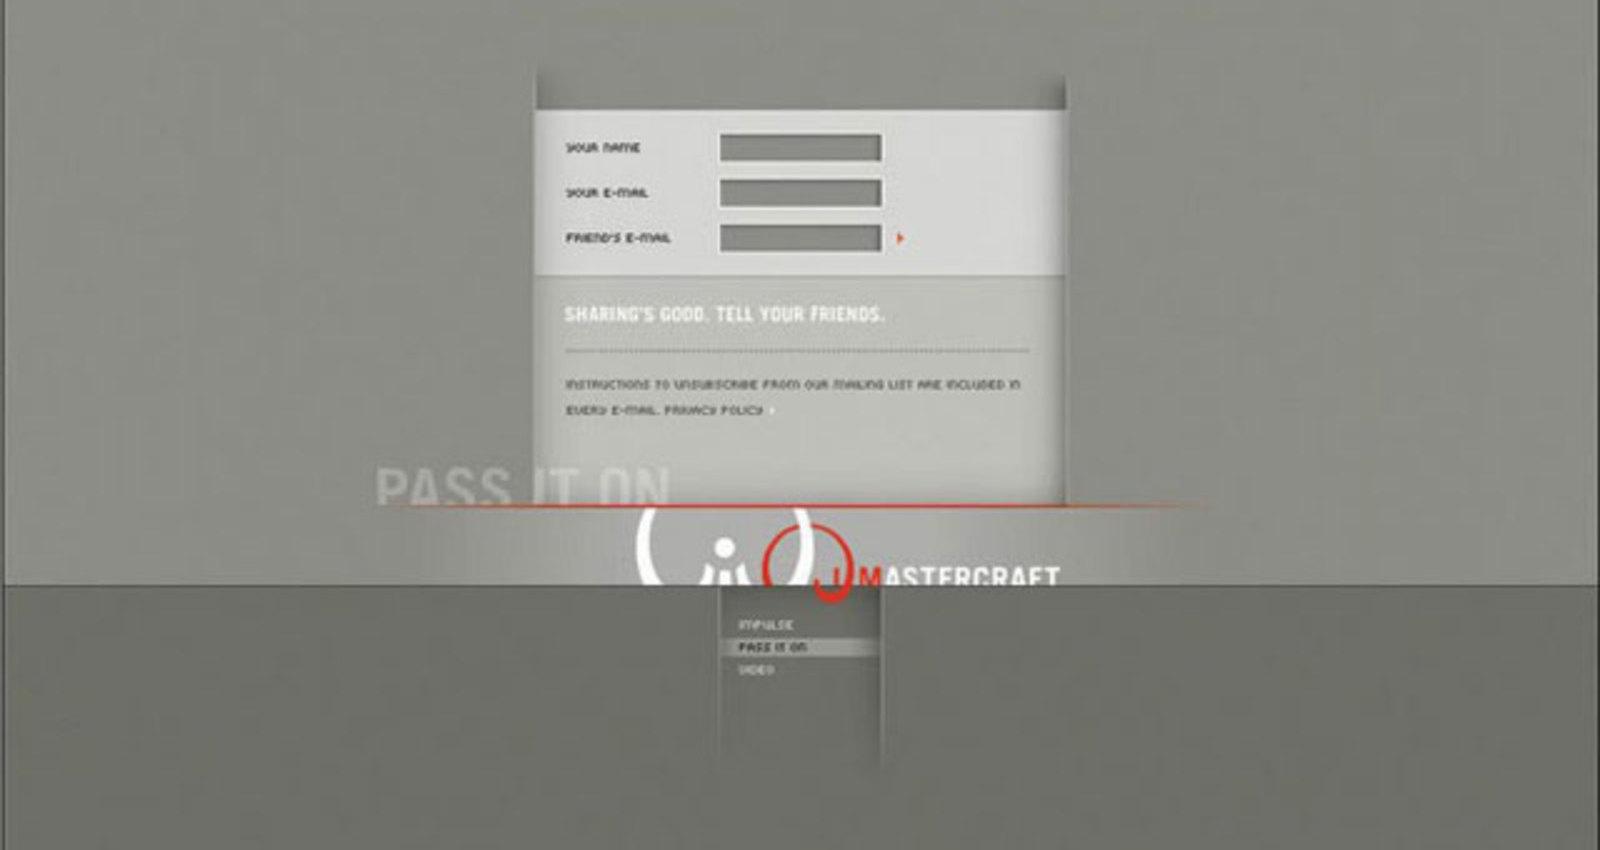 I-MasterCraft Teasers